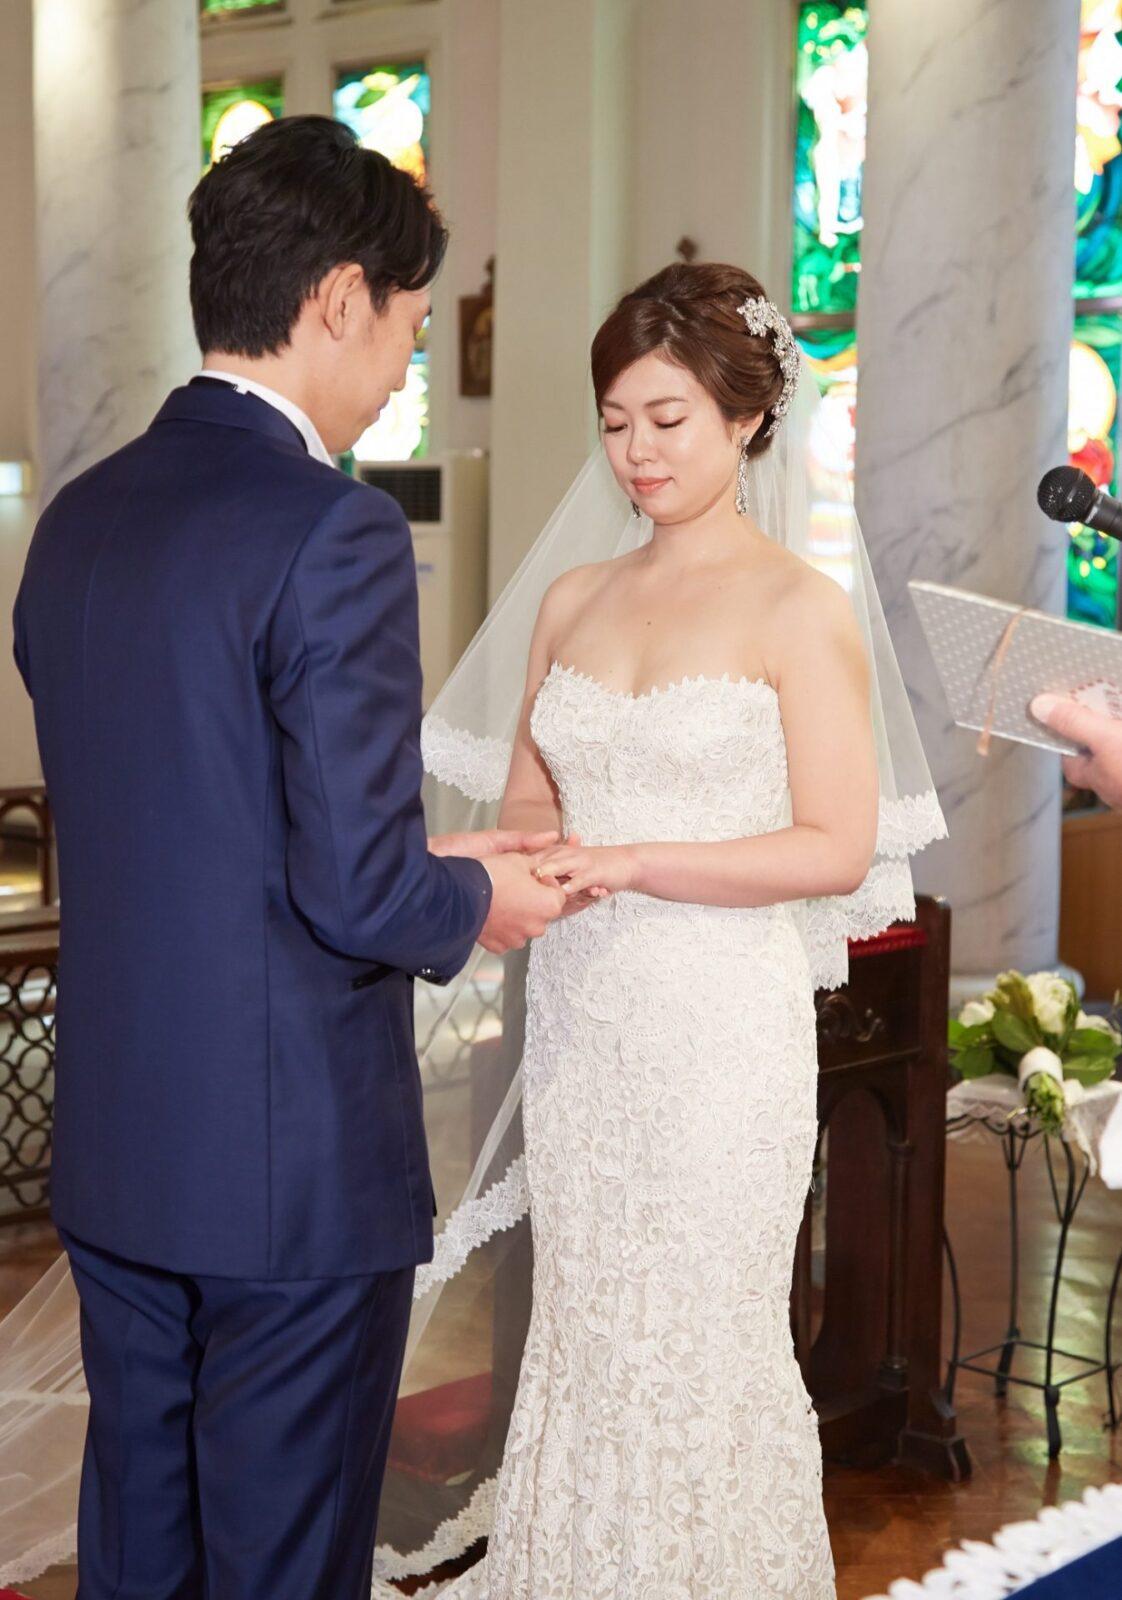 ハートシェイプが美しいレンタルウェディングドレスにはマリアエレナのヘッドアクセサリーとイヤリングをコーディネート